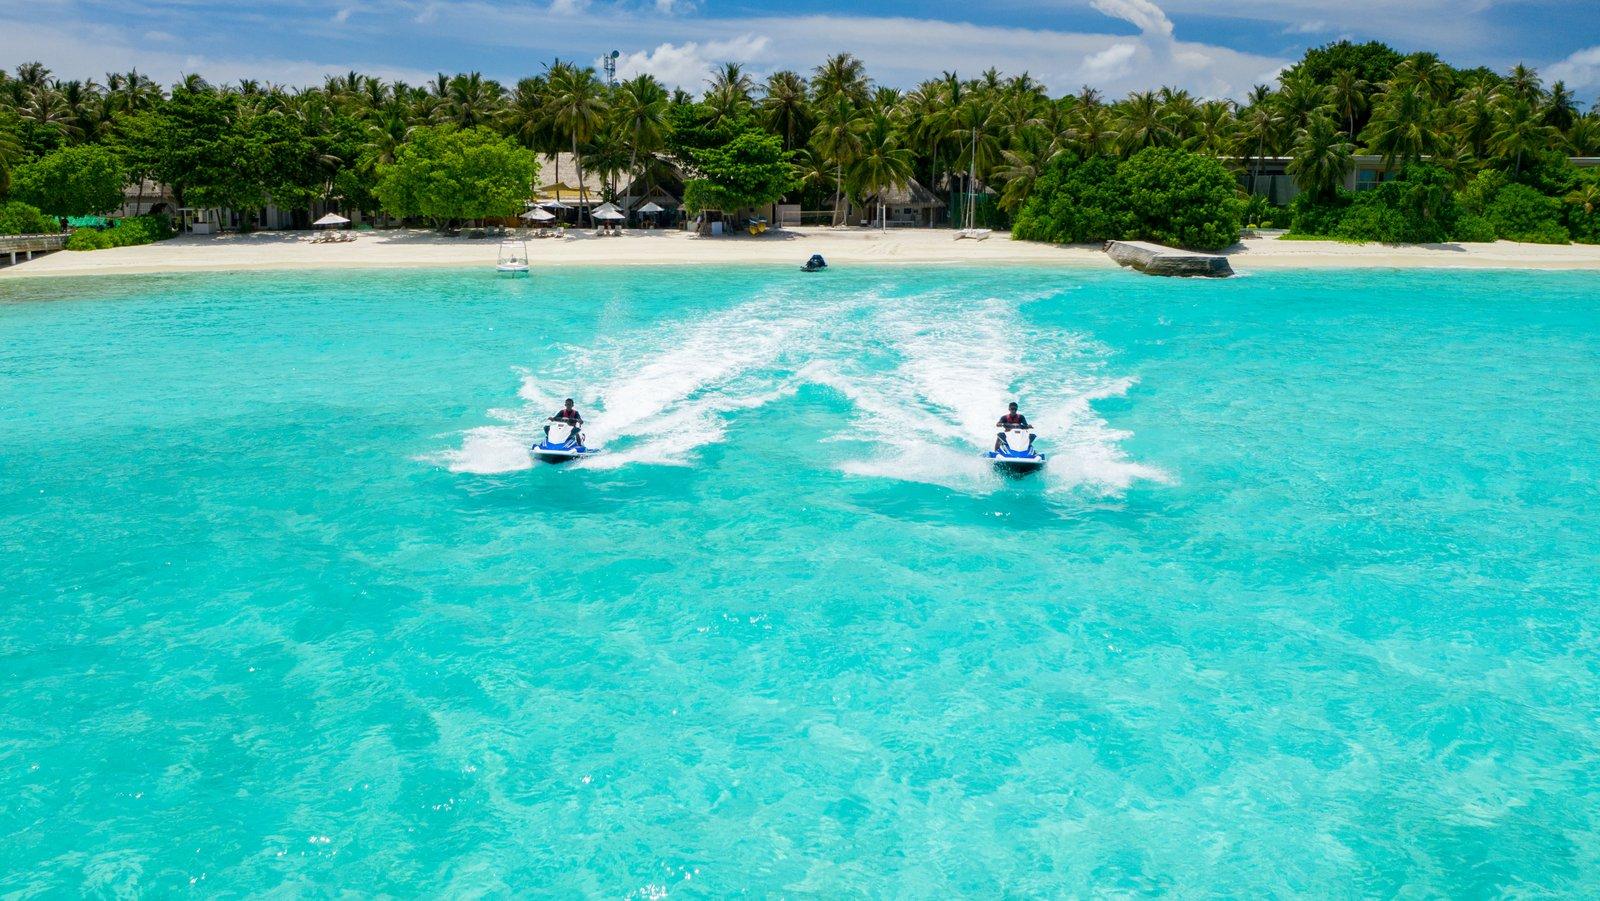 Мальдивы, отель Amilla Fushi Maldives, гидроциклы